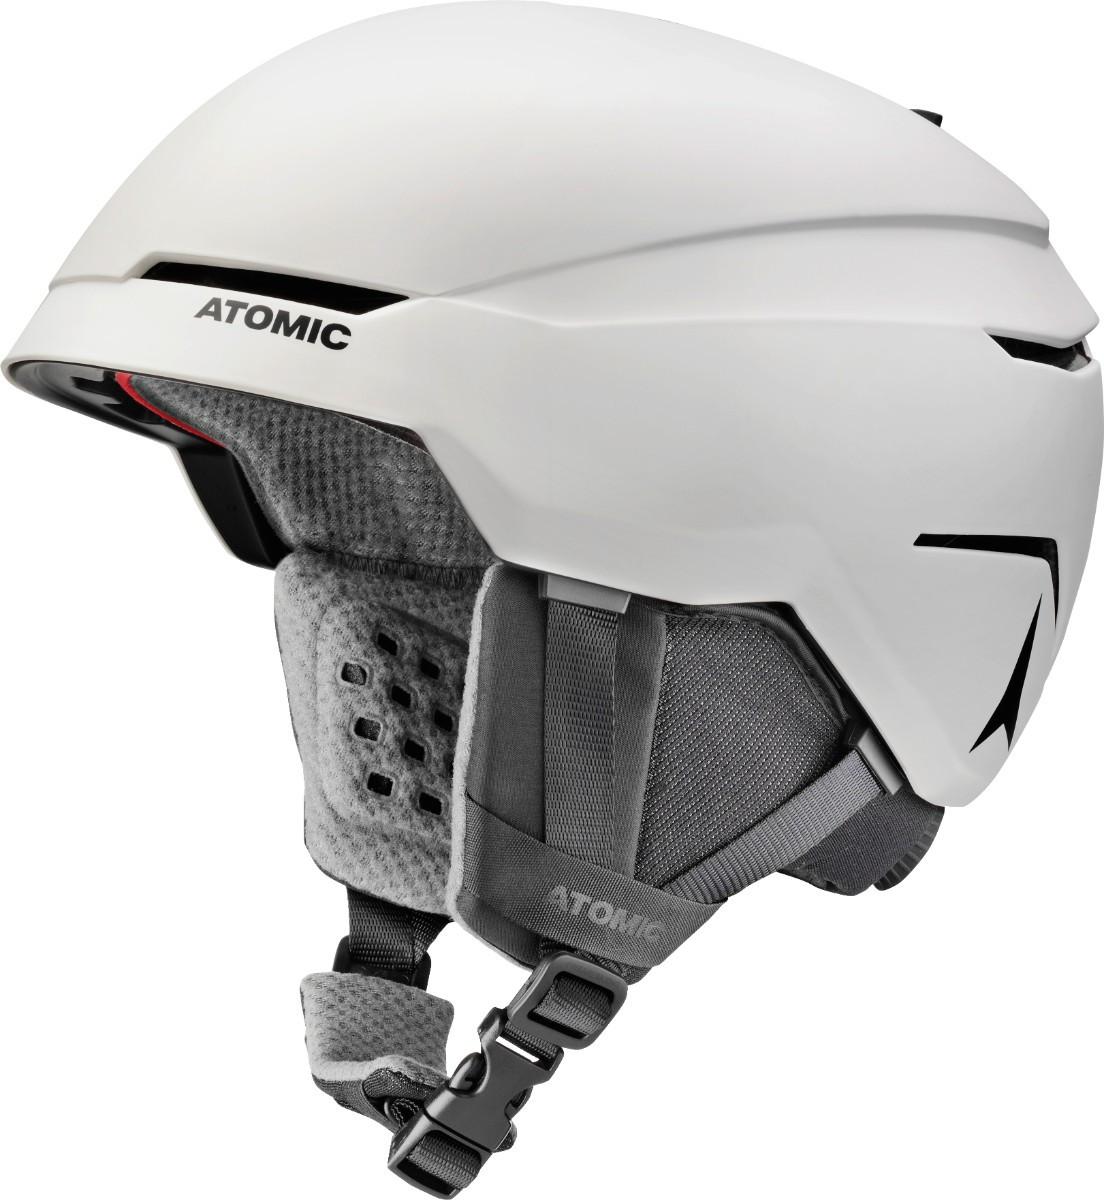 Atomic Savor - bílá Velikost helmy: S 2019/2020